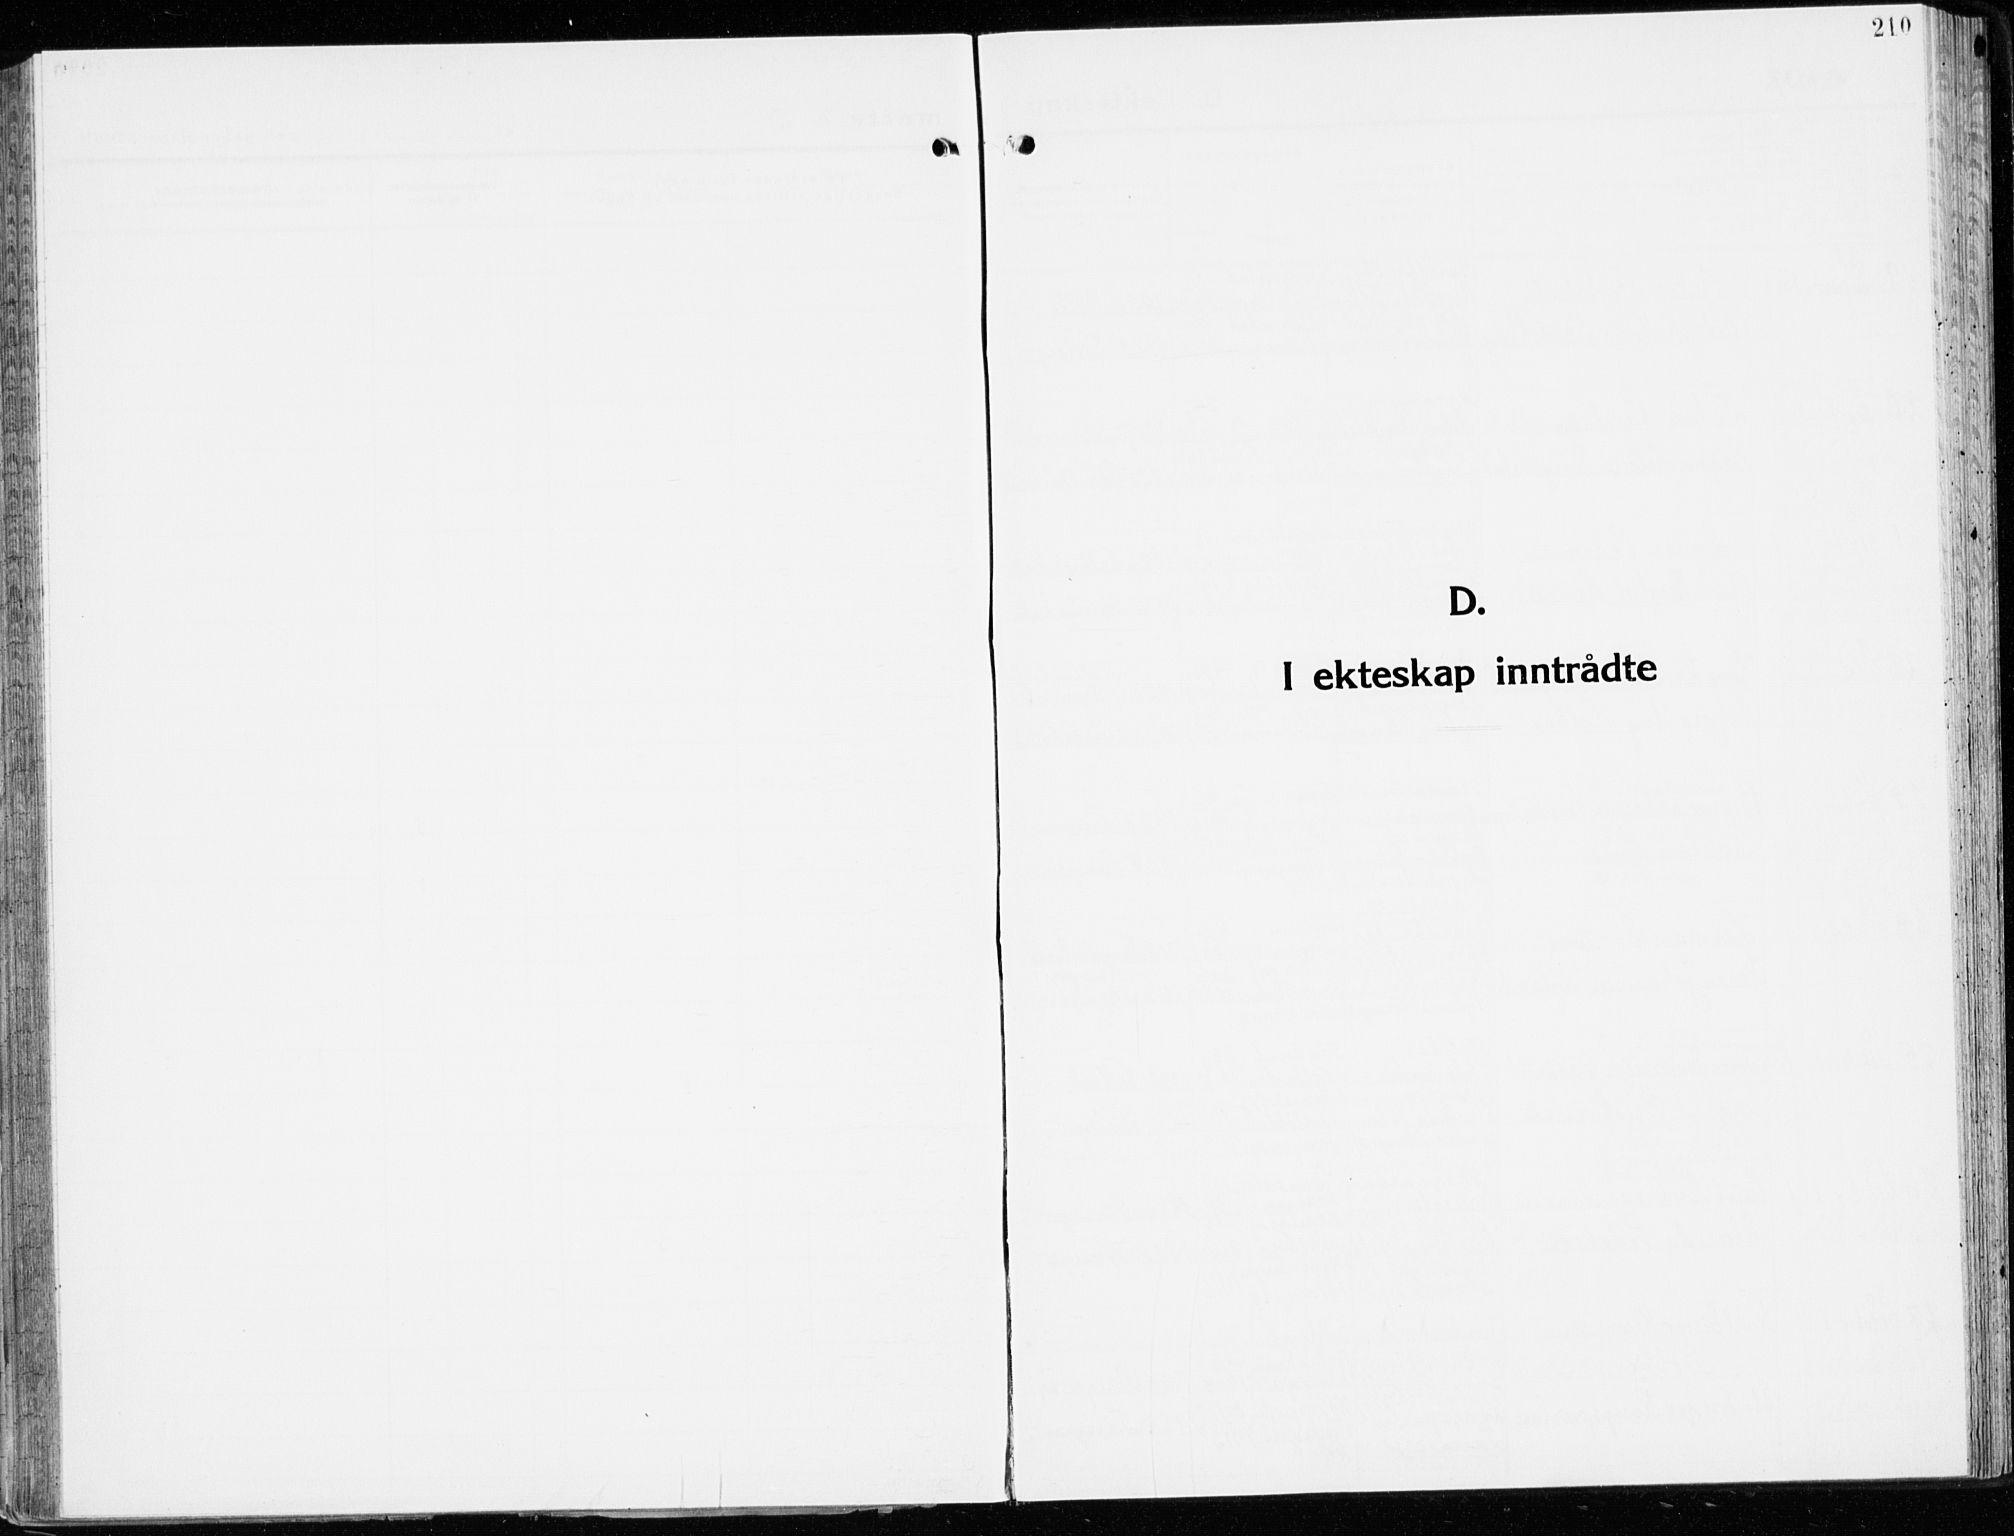 SAH, Stange prestekontor, K/L0027: Parish register (official) no. 27, 1937-1947, p. 210